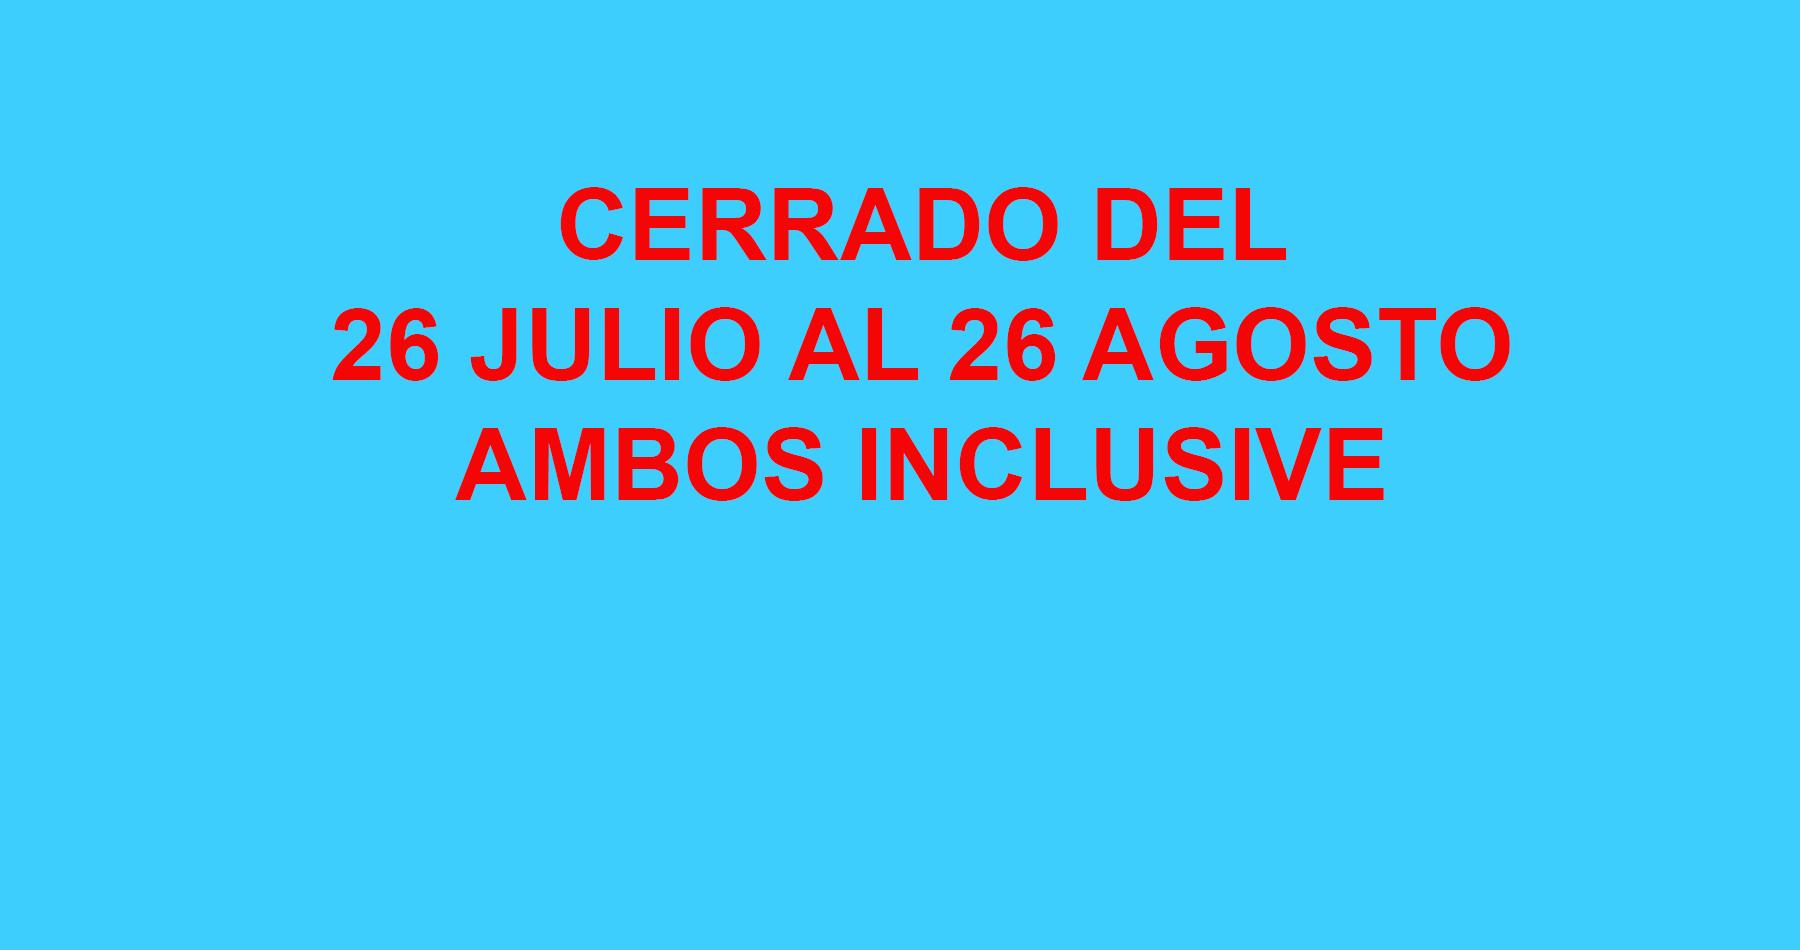 CERRADO-DESDE-EL-26-JULIO-AL-26-AGOSTO-copia